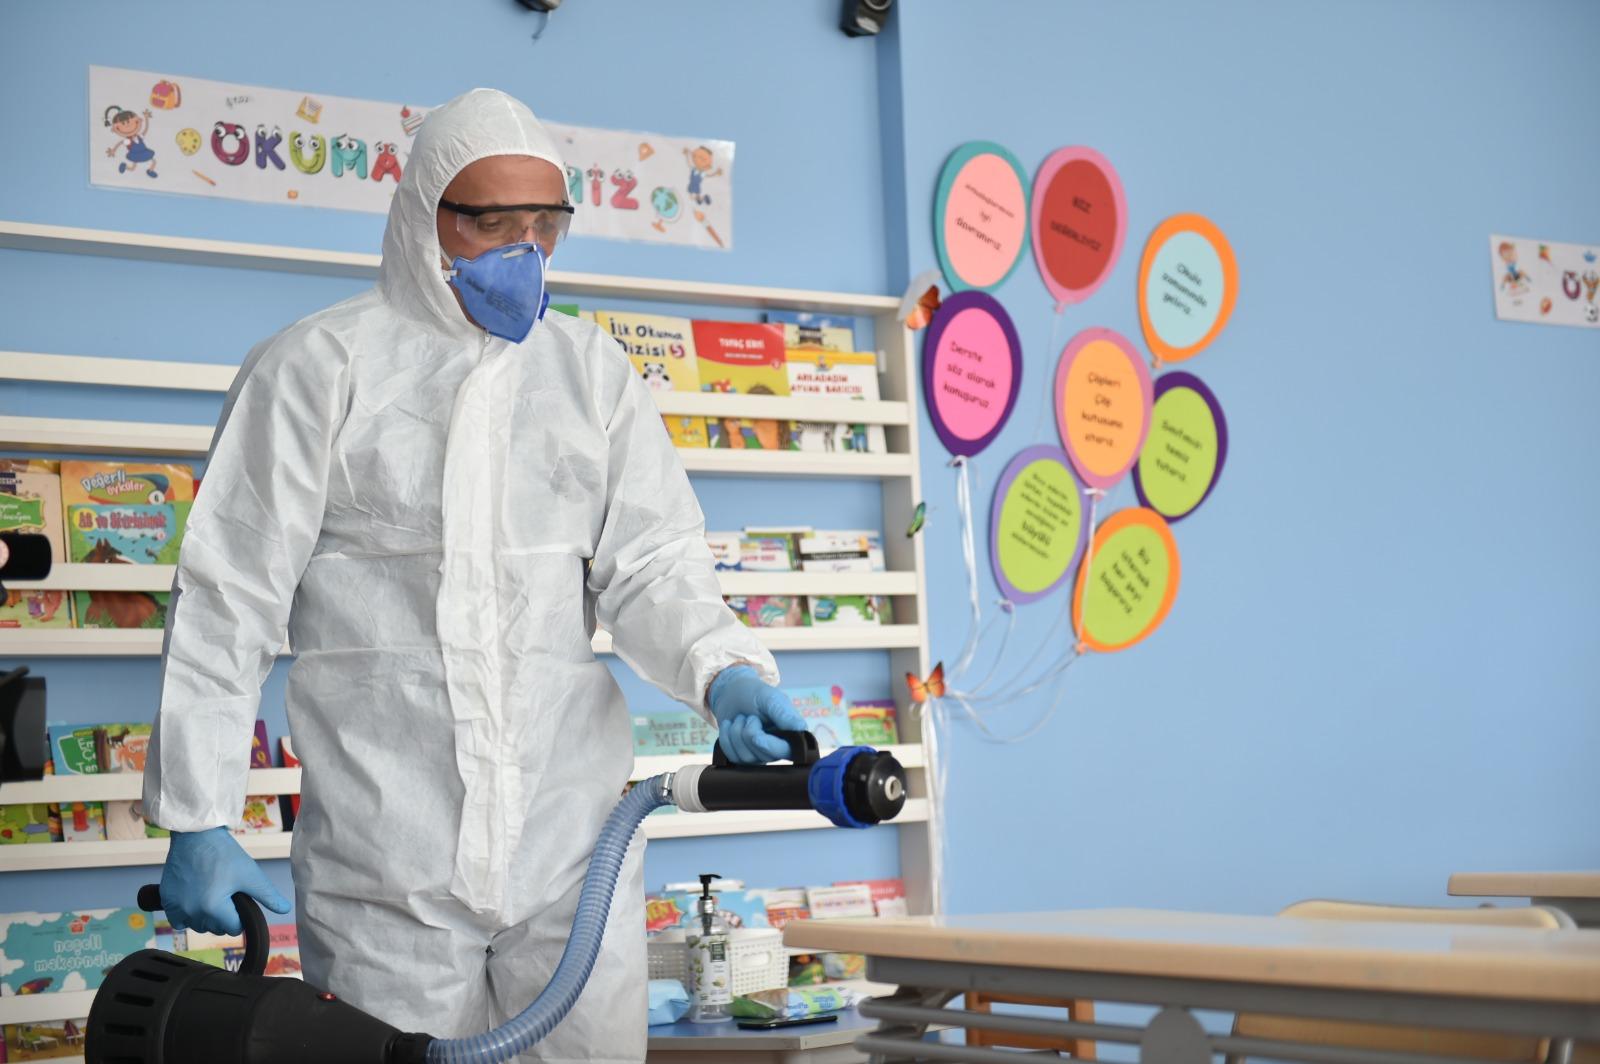 Çocukları okulda salgından korumanın yolu aşıdan geçiyor #4